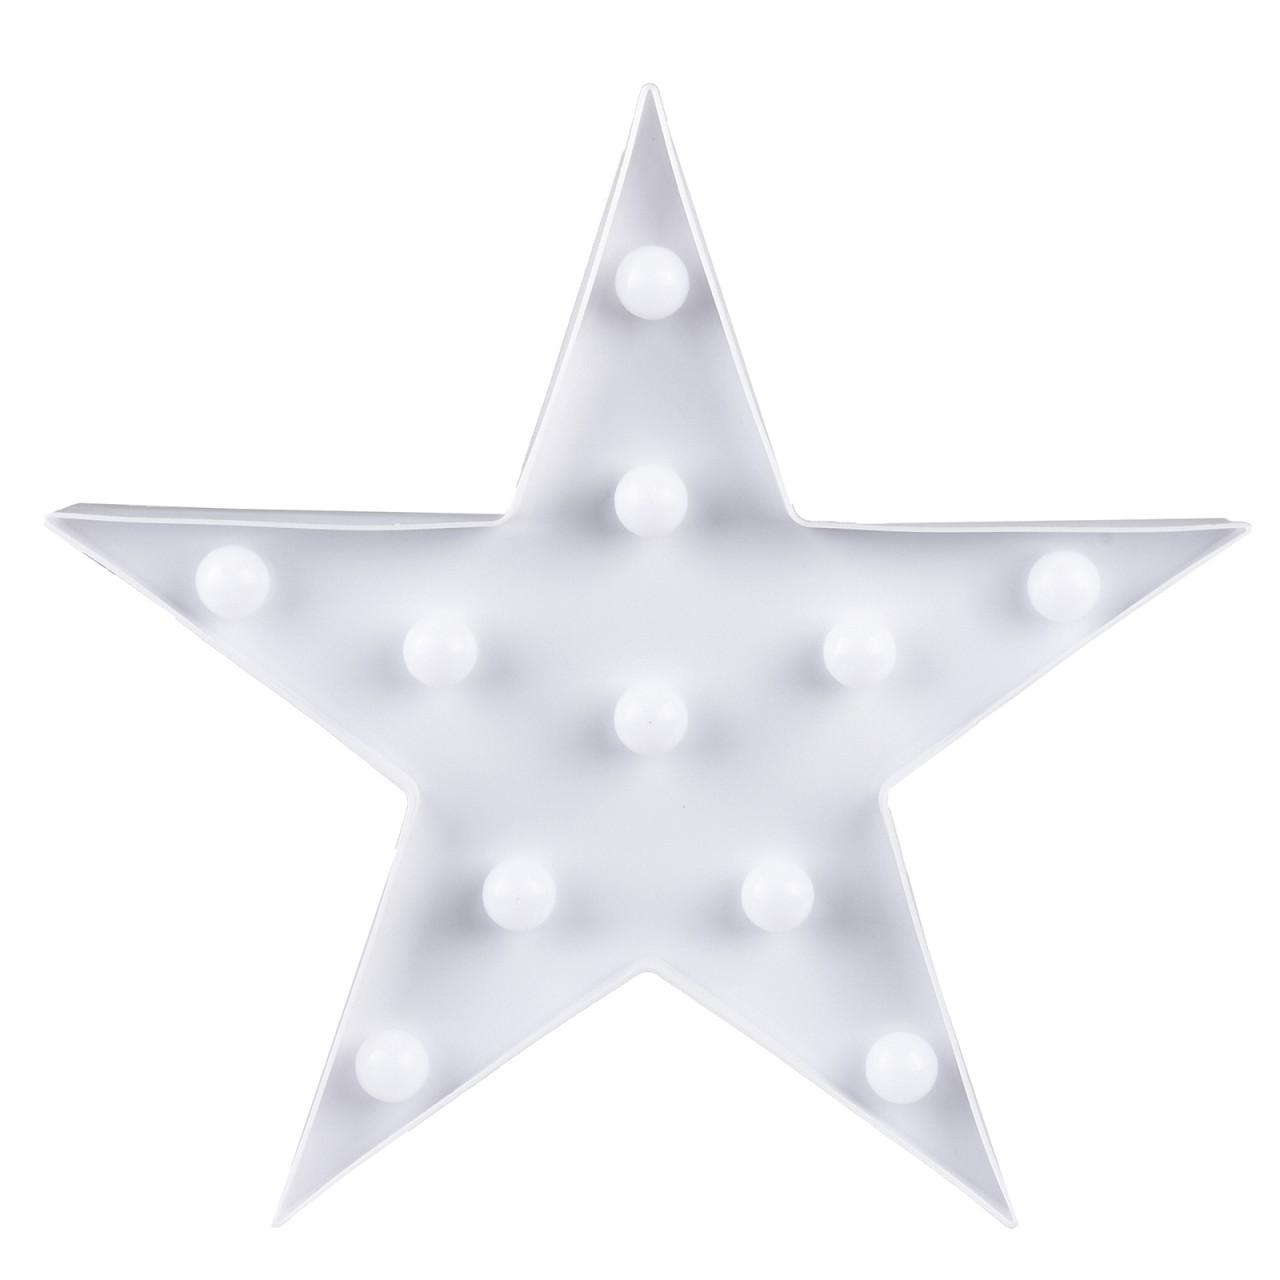 Deko Stern mit 11 LED-Leuchten zum Aufstellen